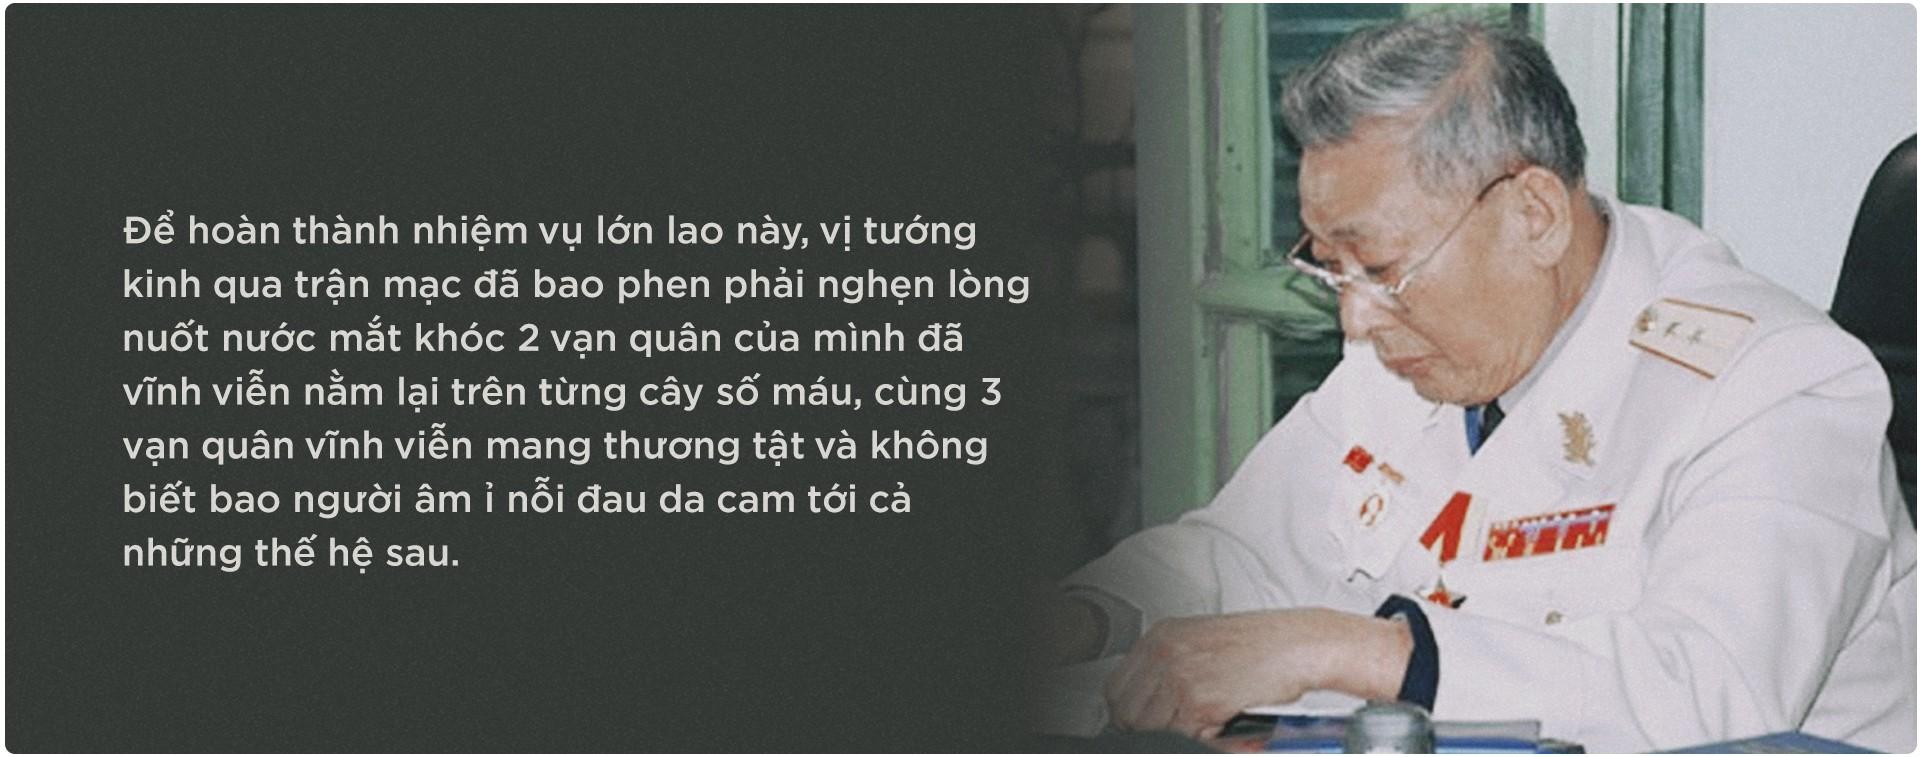 Vĩnh biệt vị tướng già huyền thoại - Đồng Sỹ Nguyên - Ảnh 4.